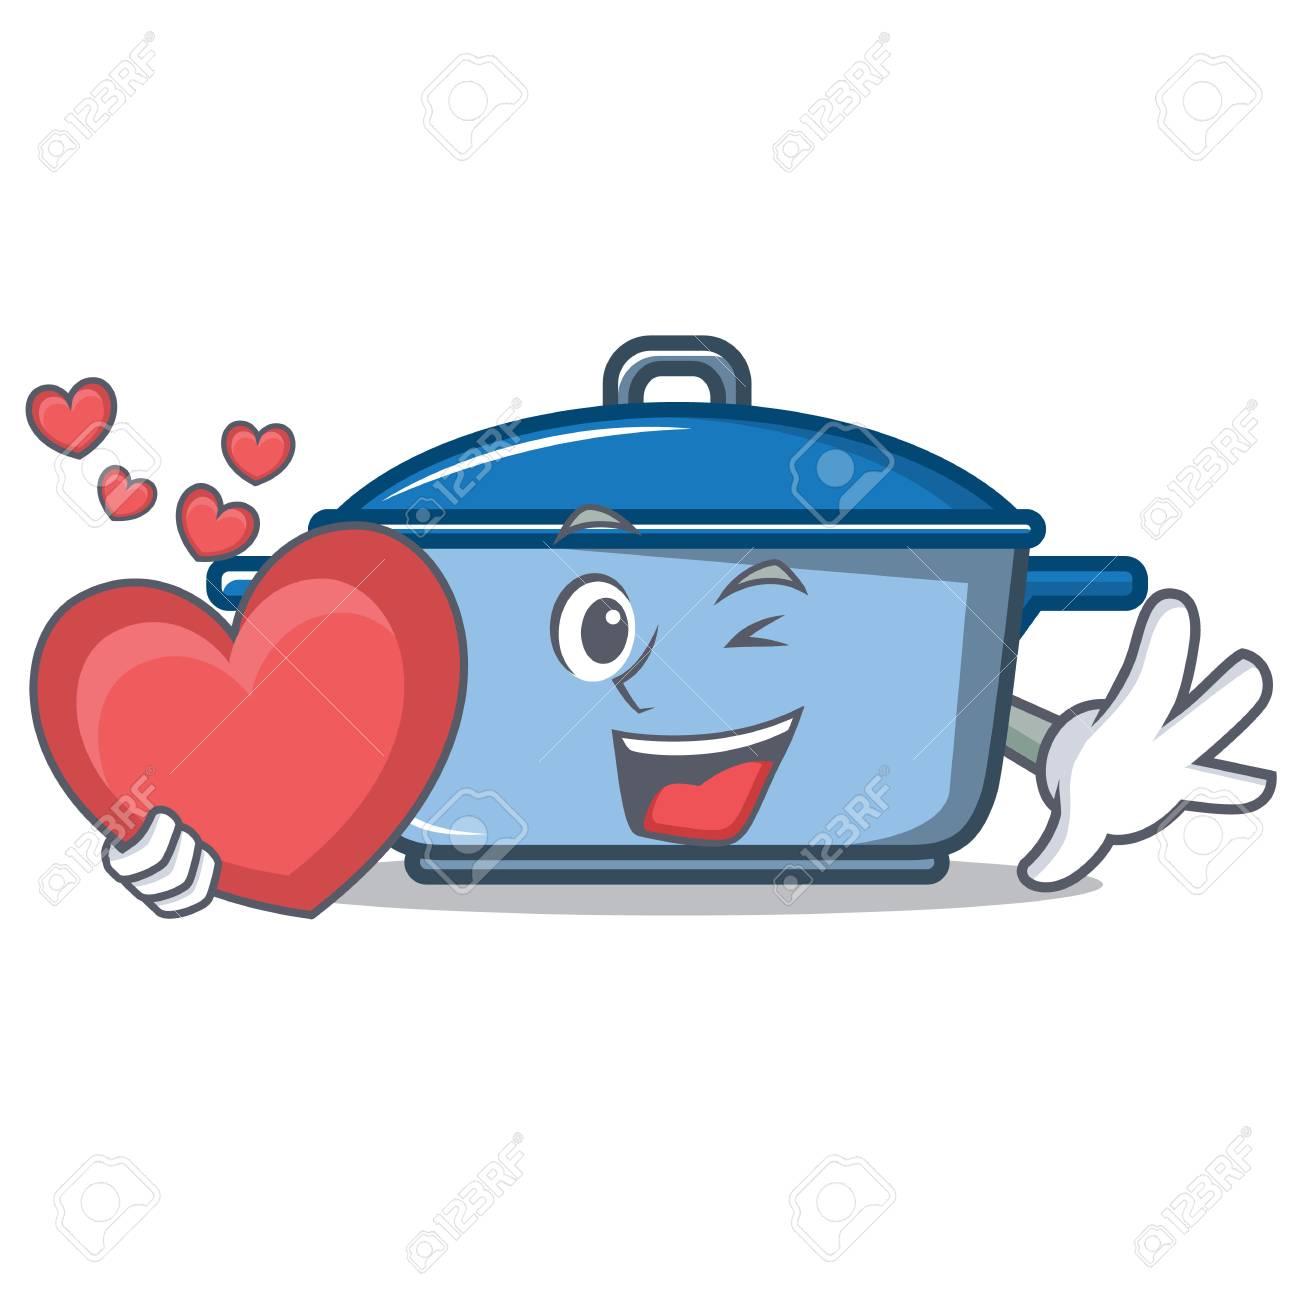 Dessin Casserole Cuisine avec le style de dessin animé de caractère casserole coeur de